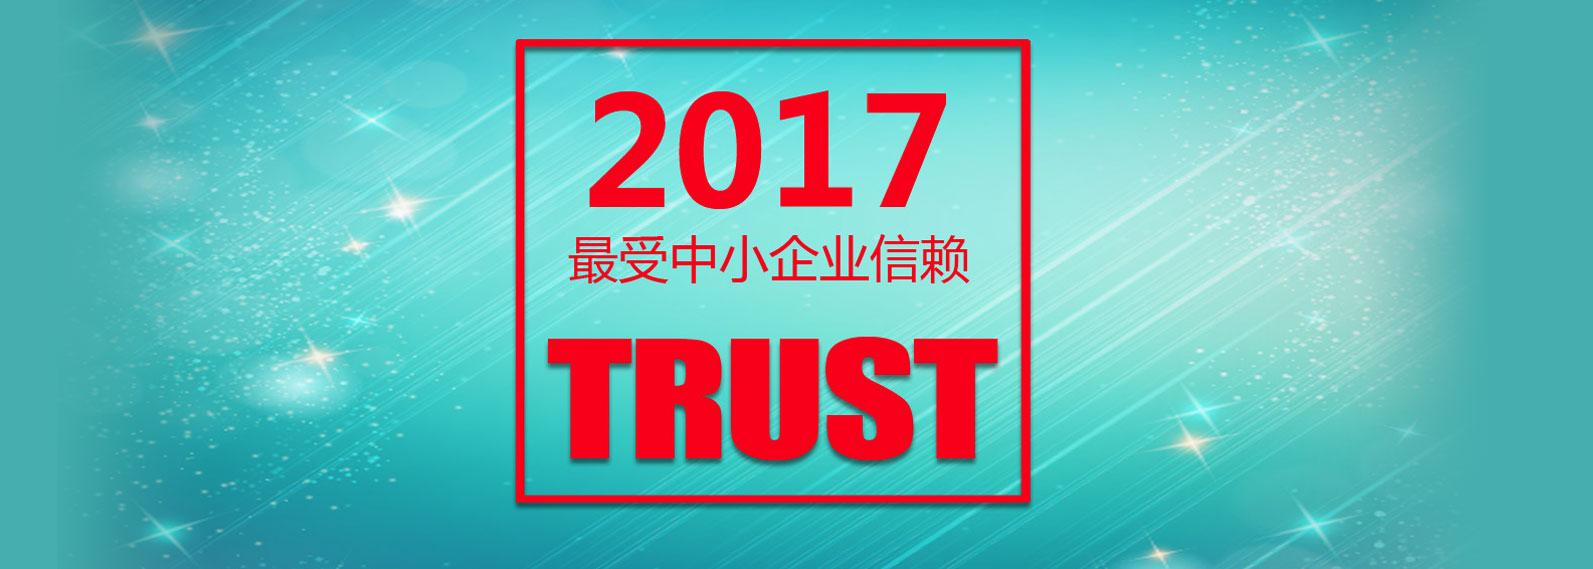 2017最受中小企业信赖品牌